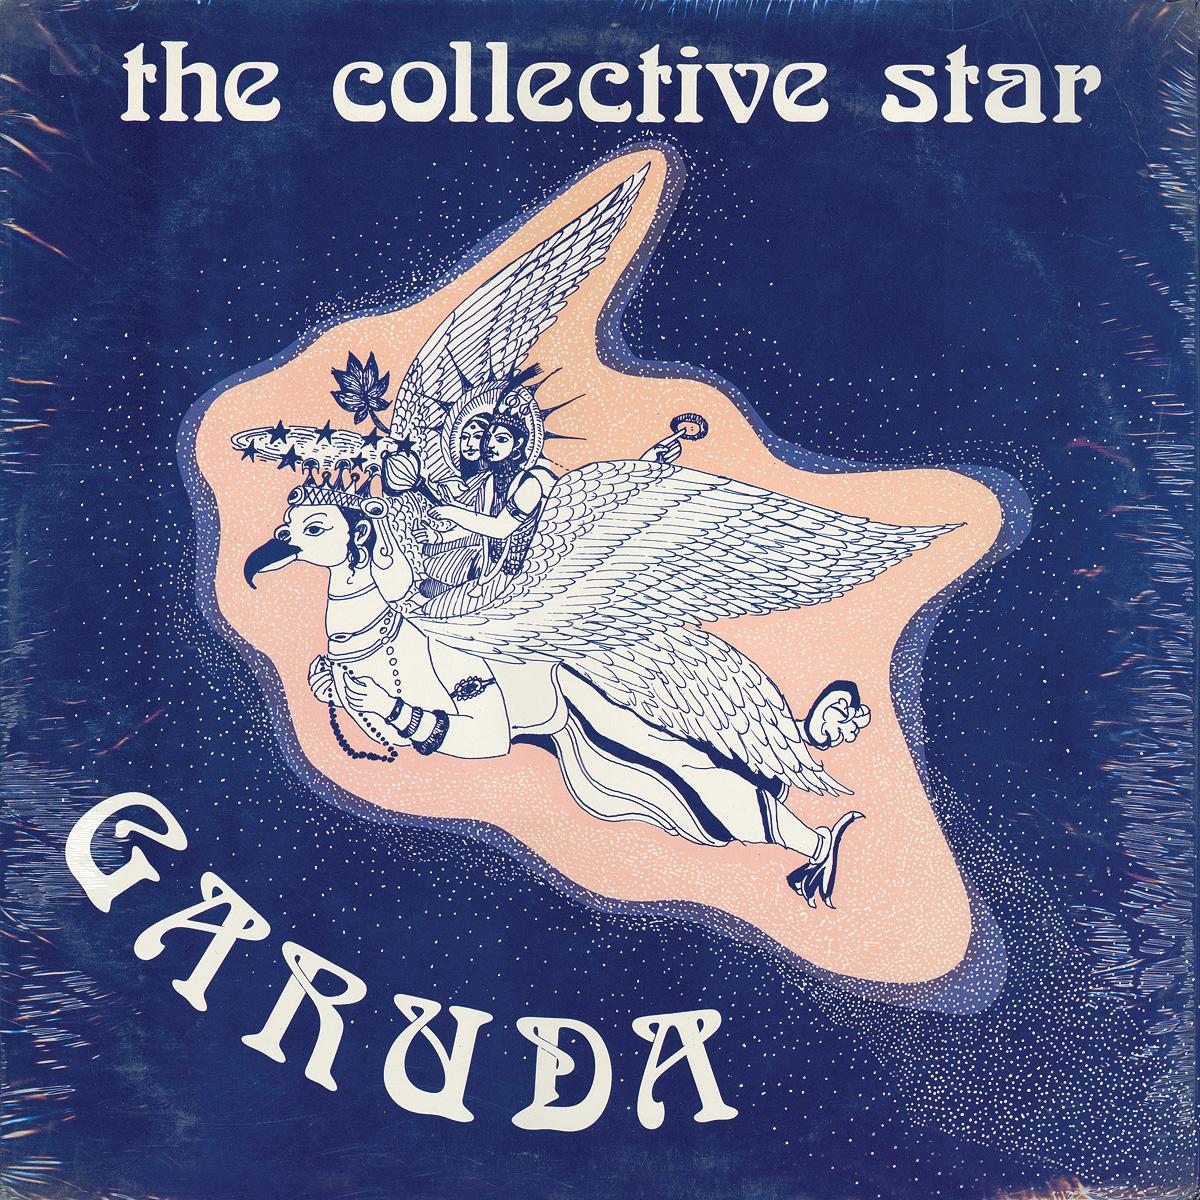 The Collective Star - Garuda